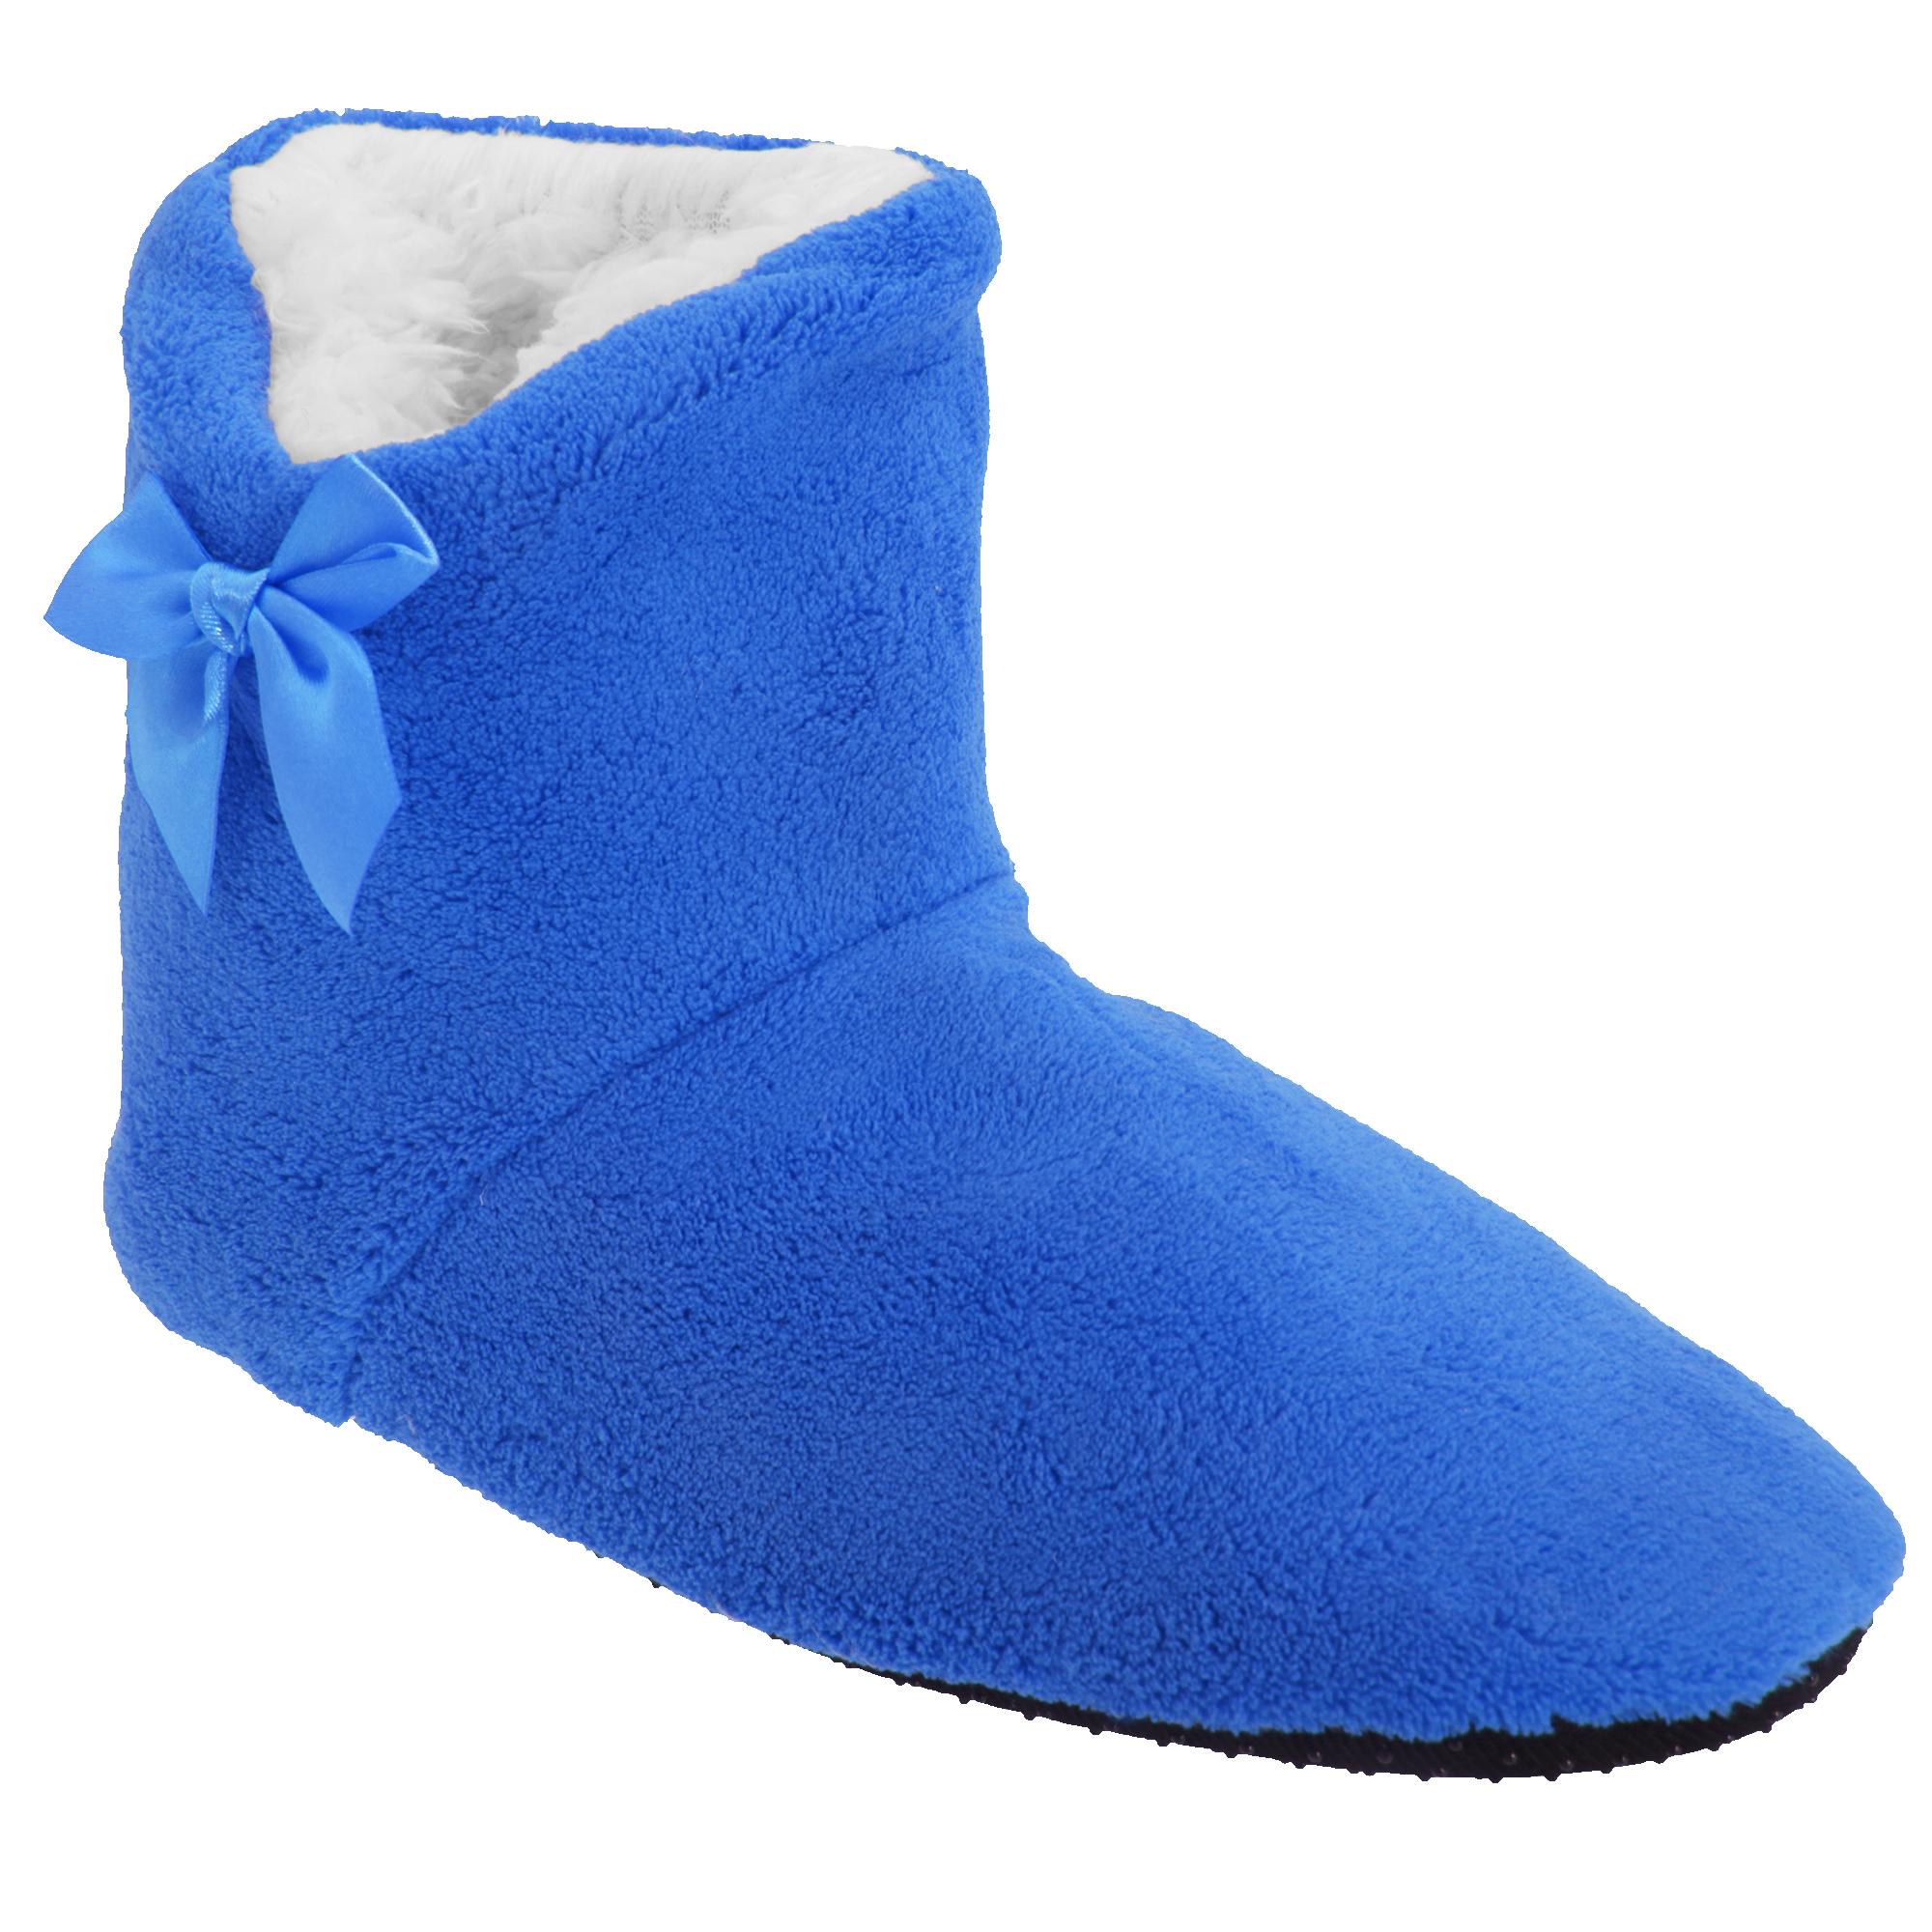 Mujer/Dama Detalle De Moño Super Suave Suela Zapatillas 5 Colores Reino Unido 4/6